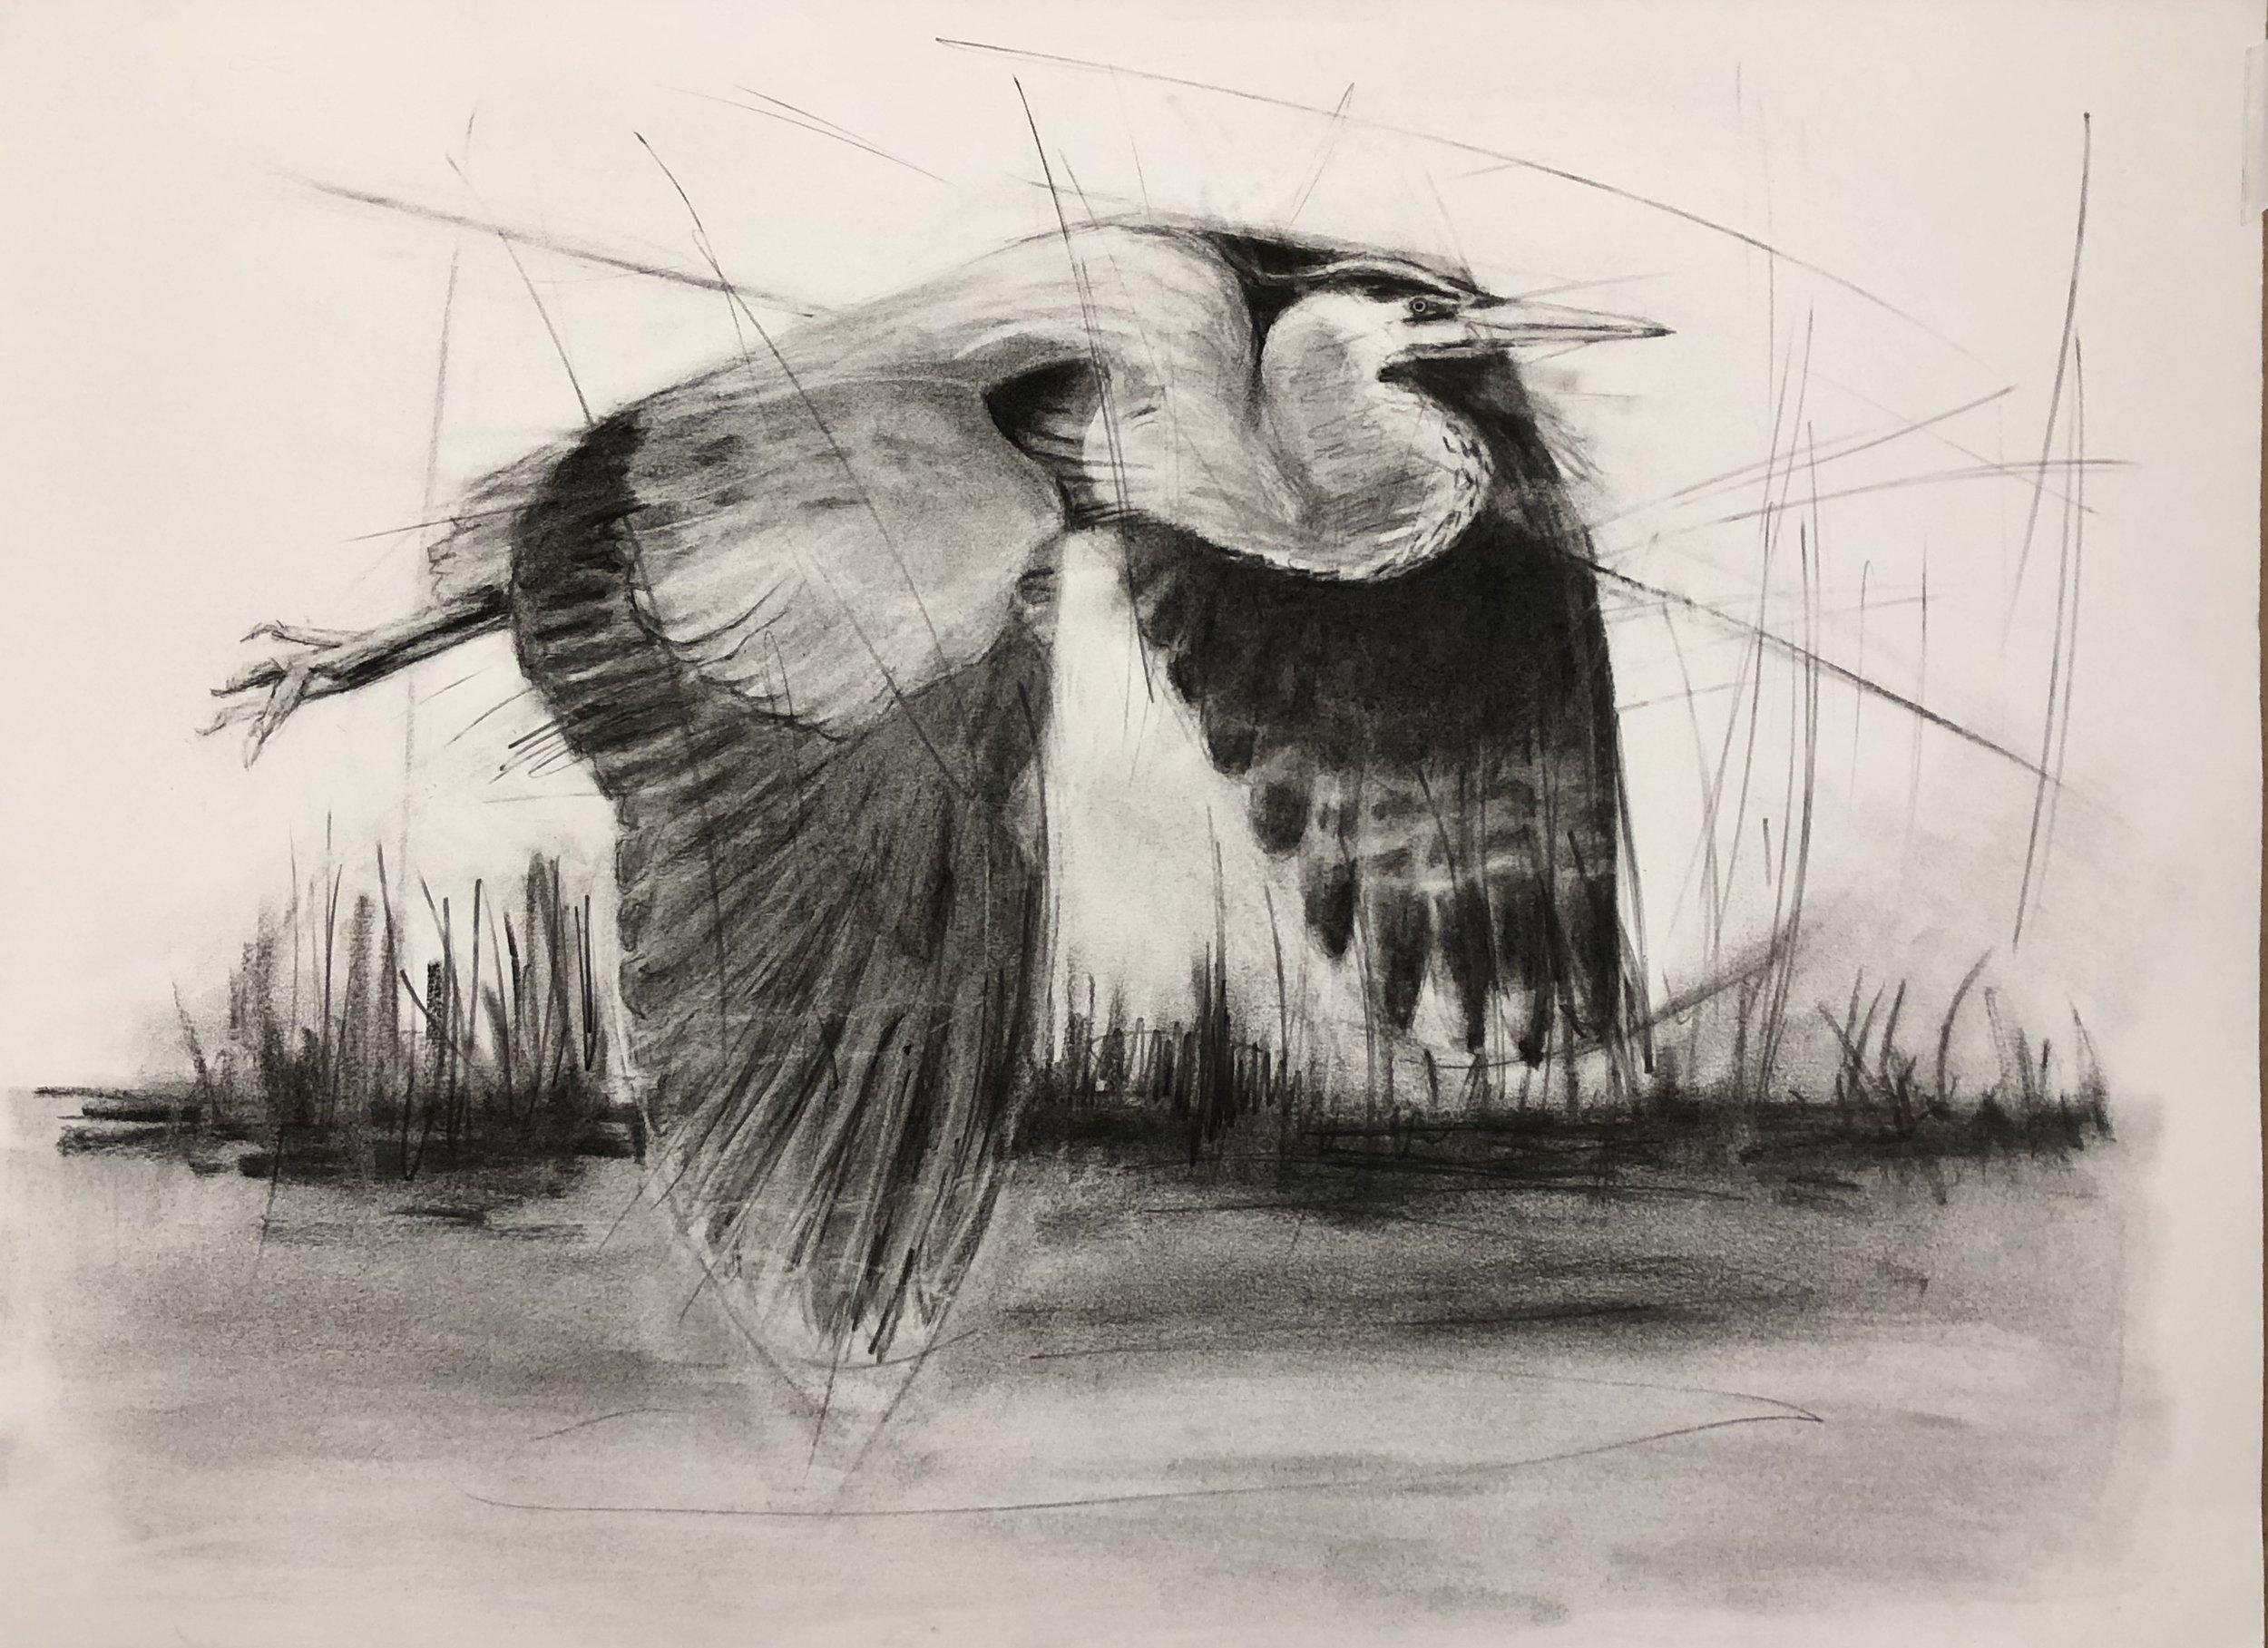 Heron.